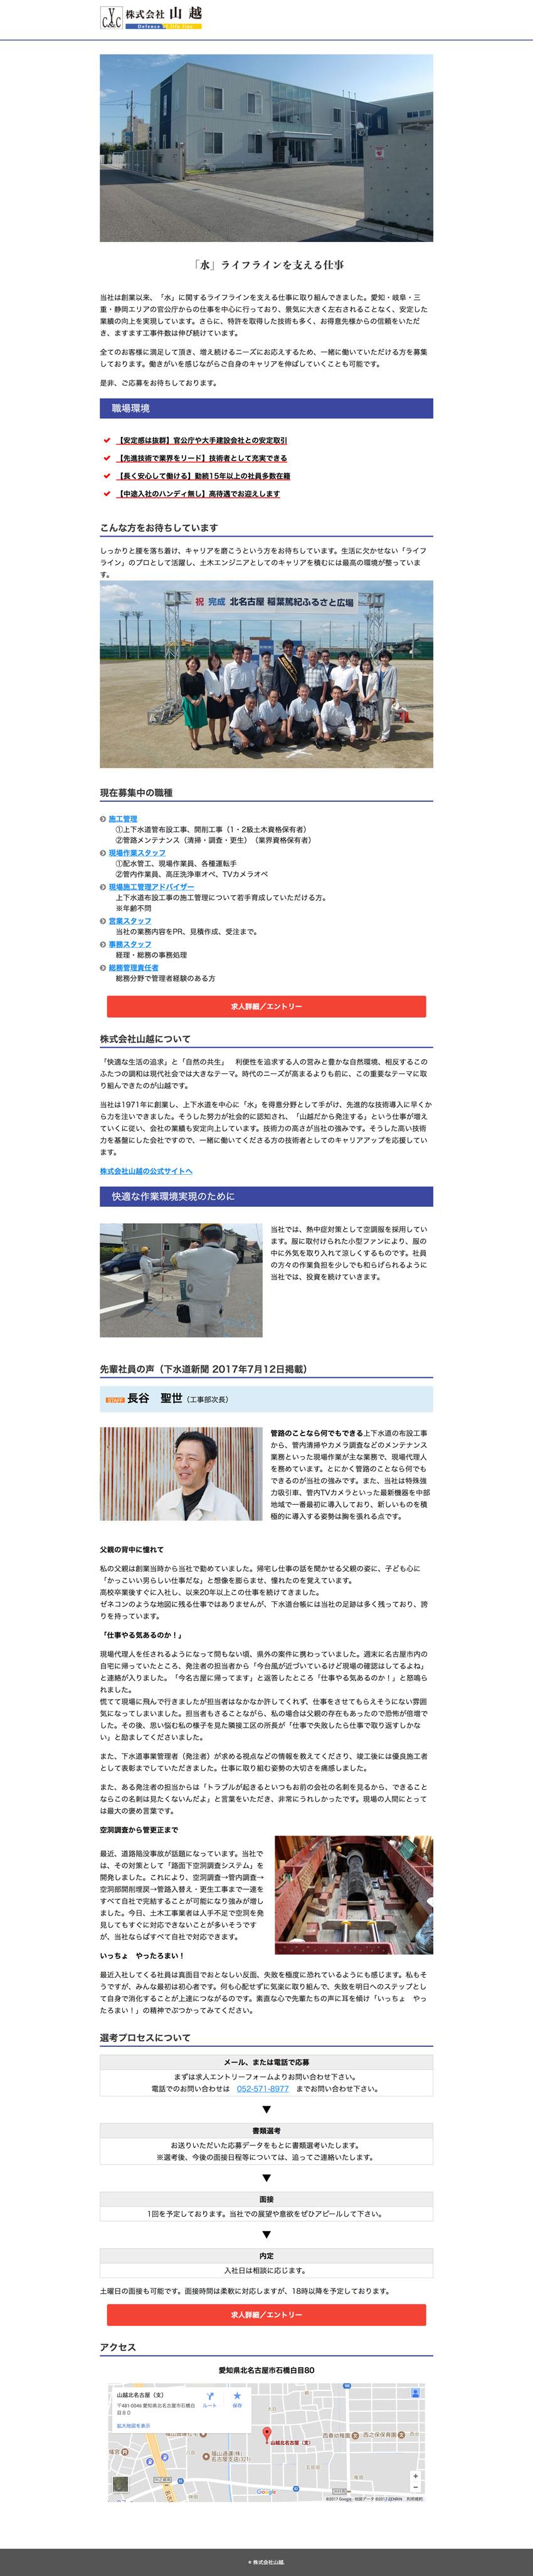 山越求人サイト TOPページ